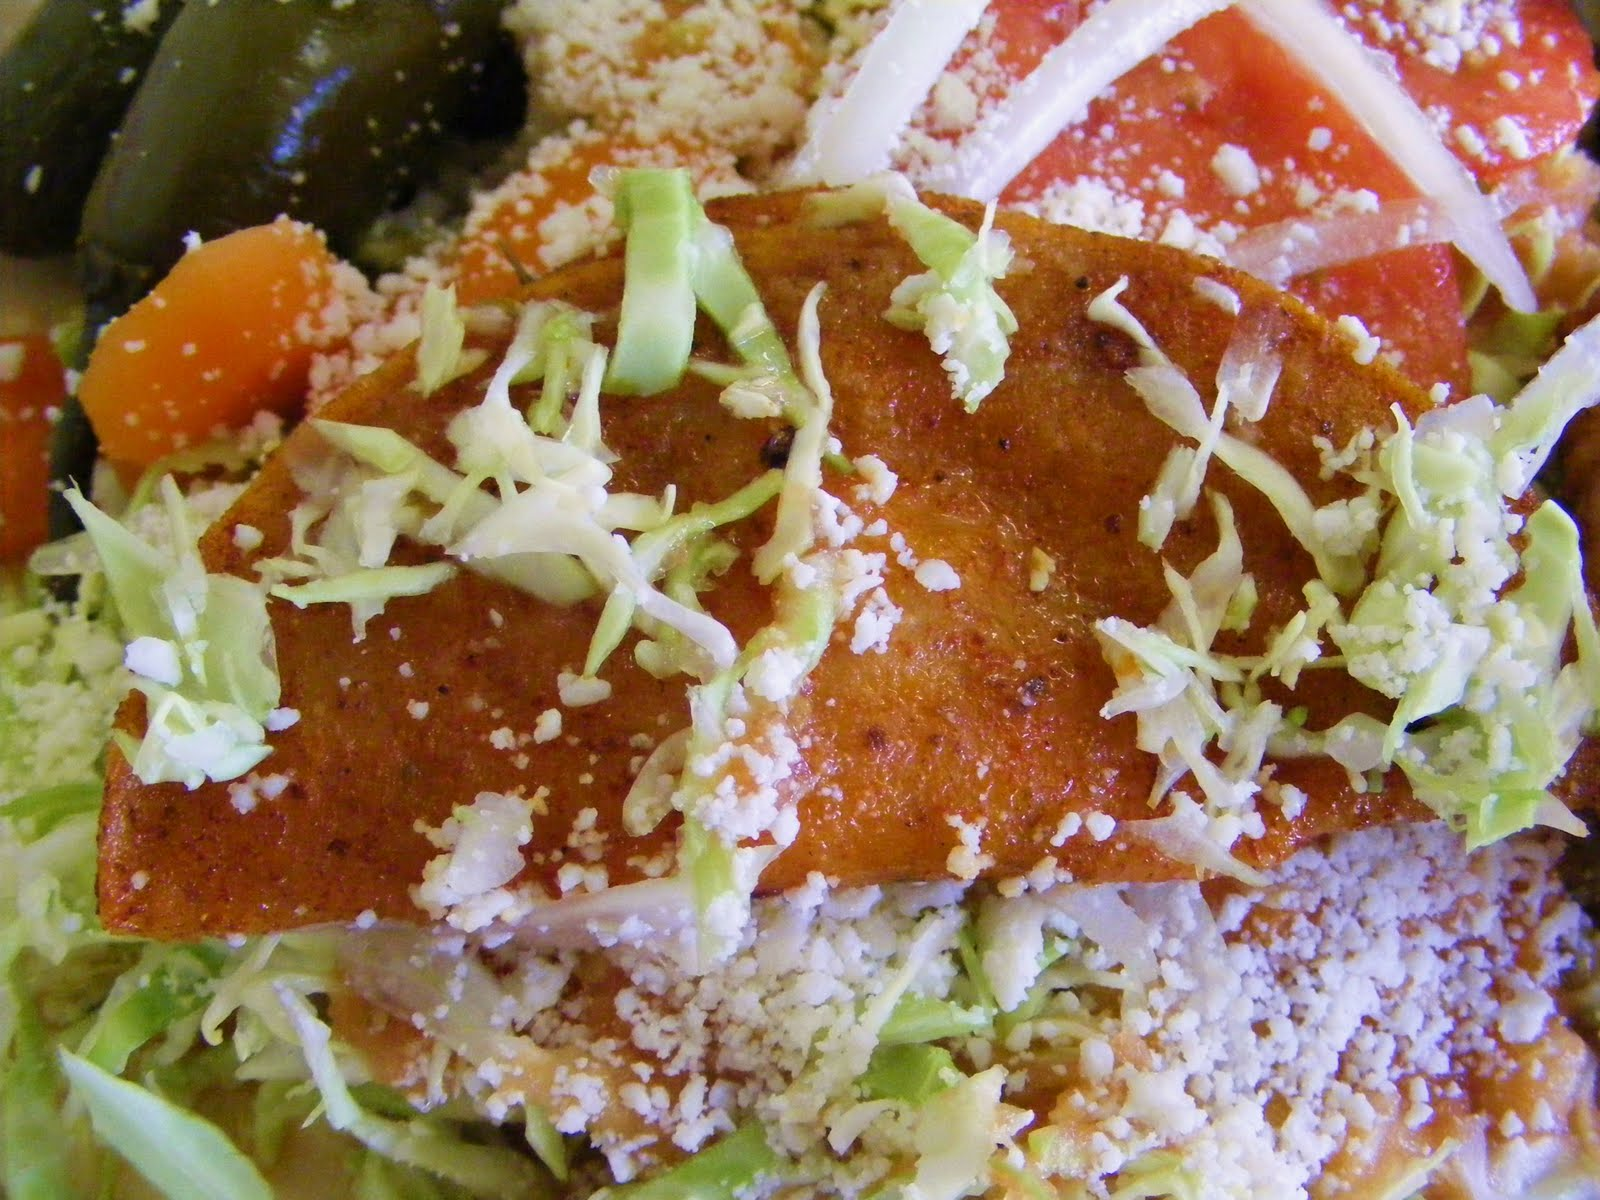 Receta de BIRRIA de Chivo estilo Jalisco - Delicias de la